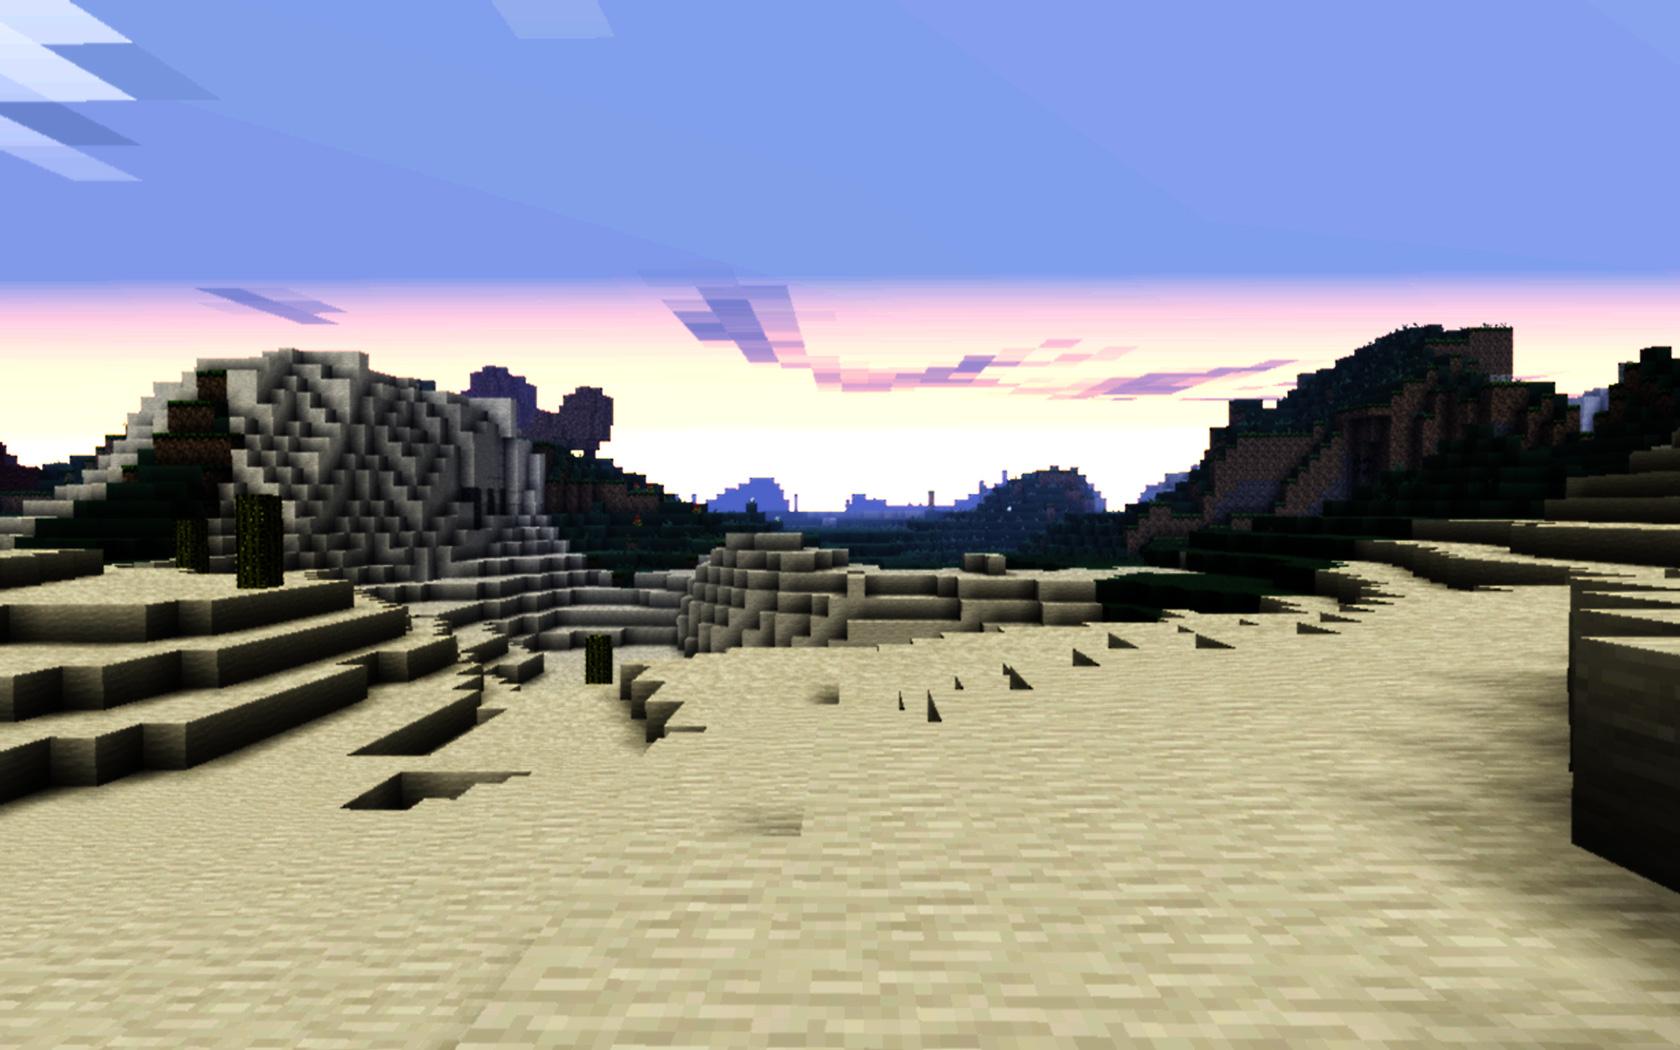 Minecraft Wallpaper in 1680x1050